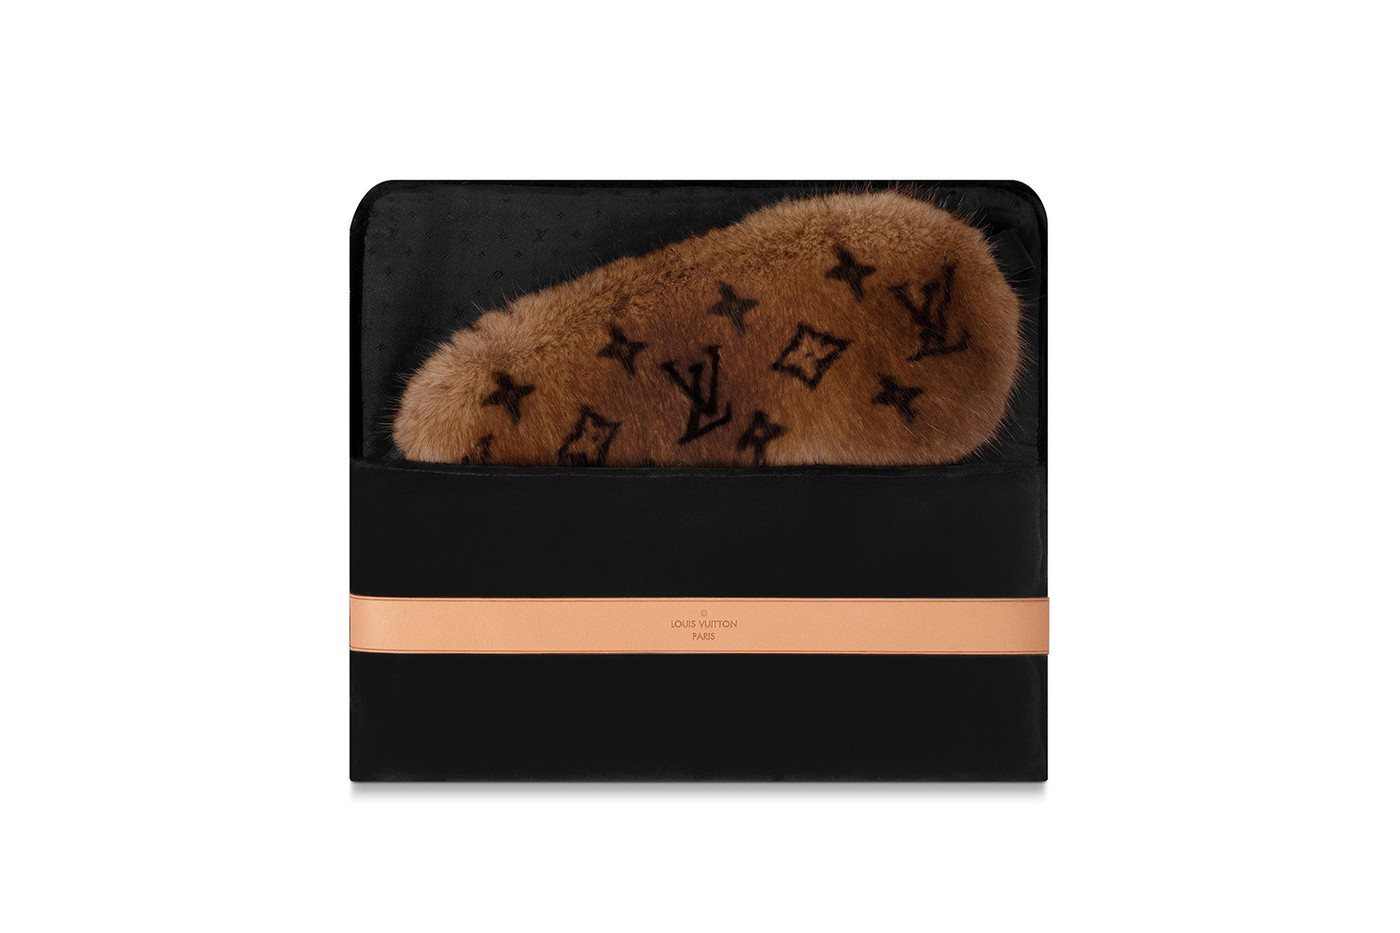 Megjelent a Louis Vuitton legújabb Mink Fur Sleep szemmaszkja